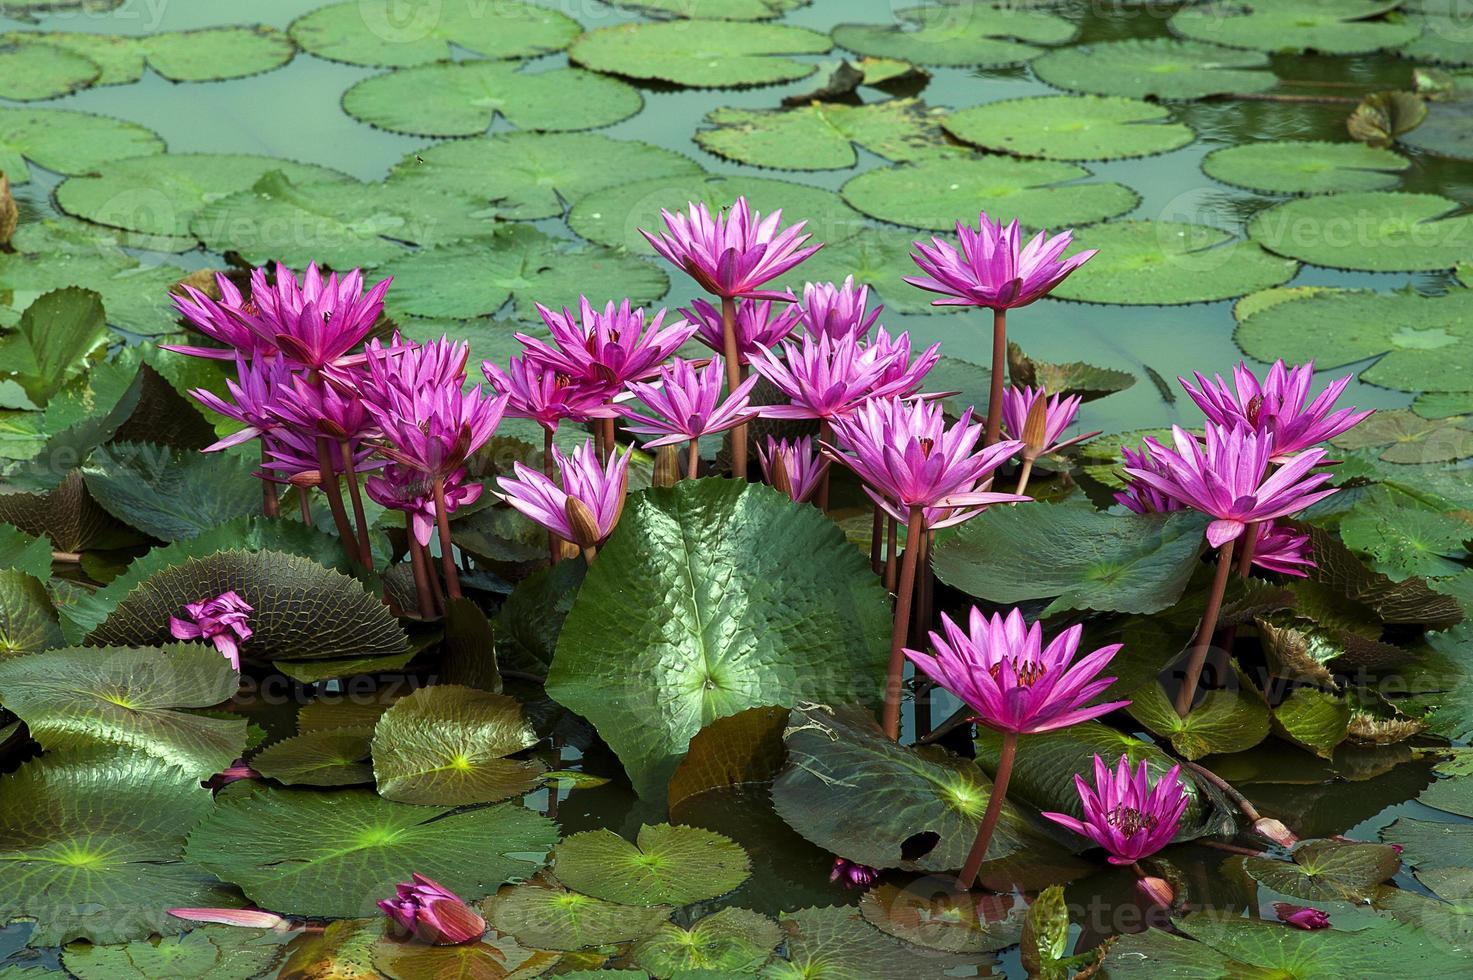 flor de lótus vermelha, tailândia foto